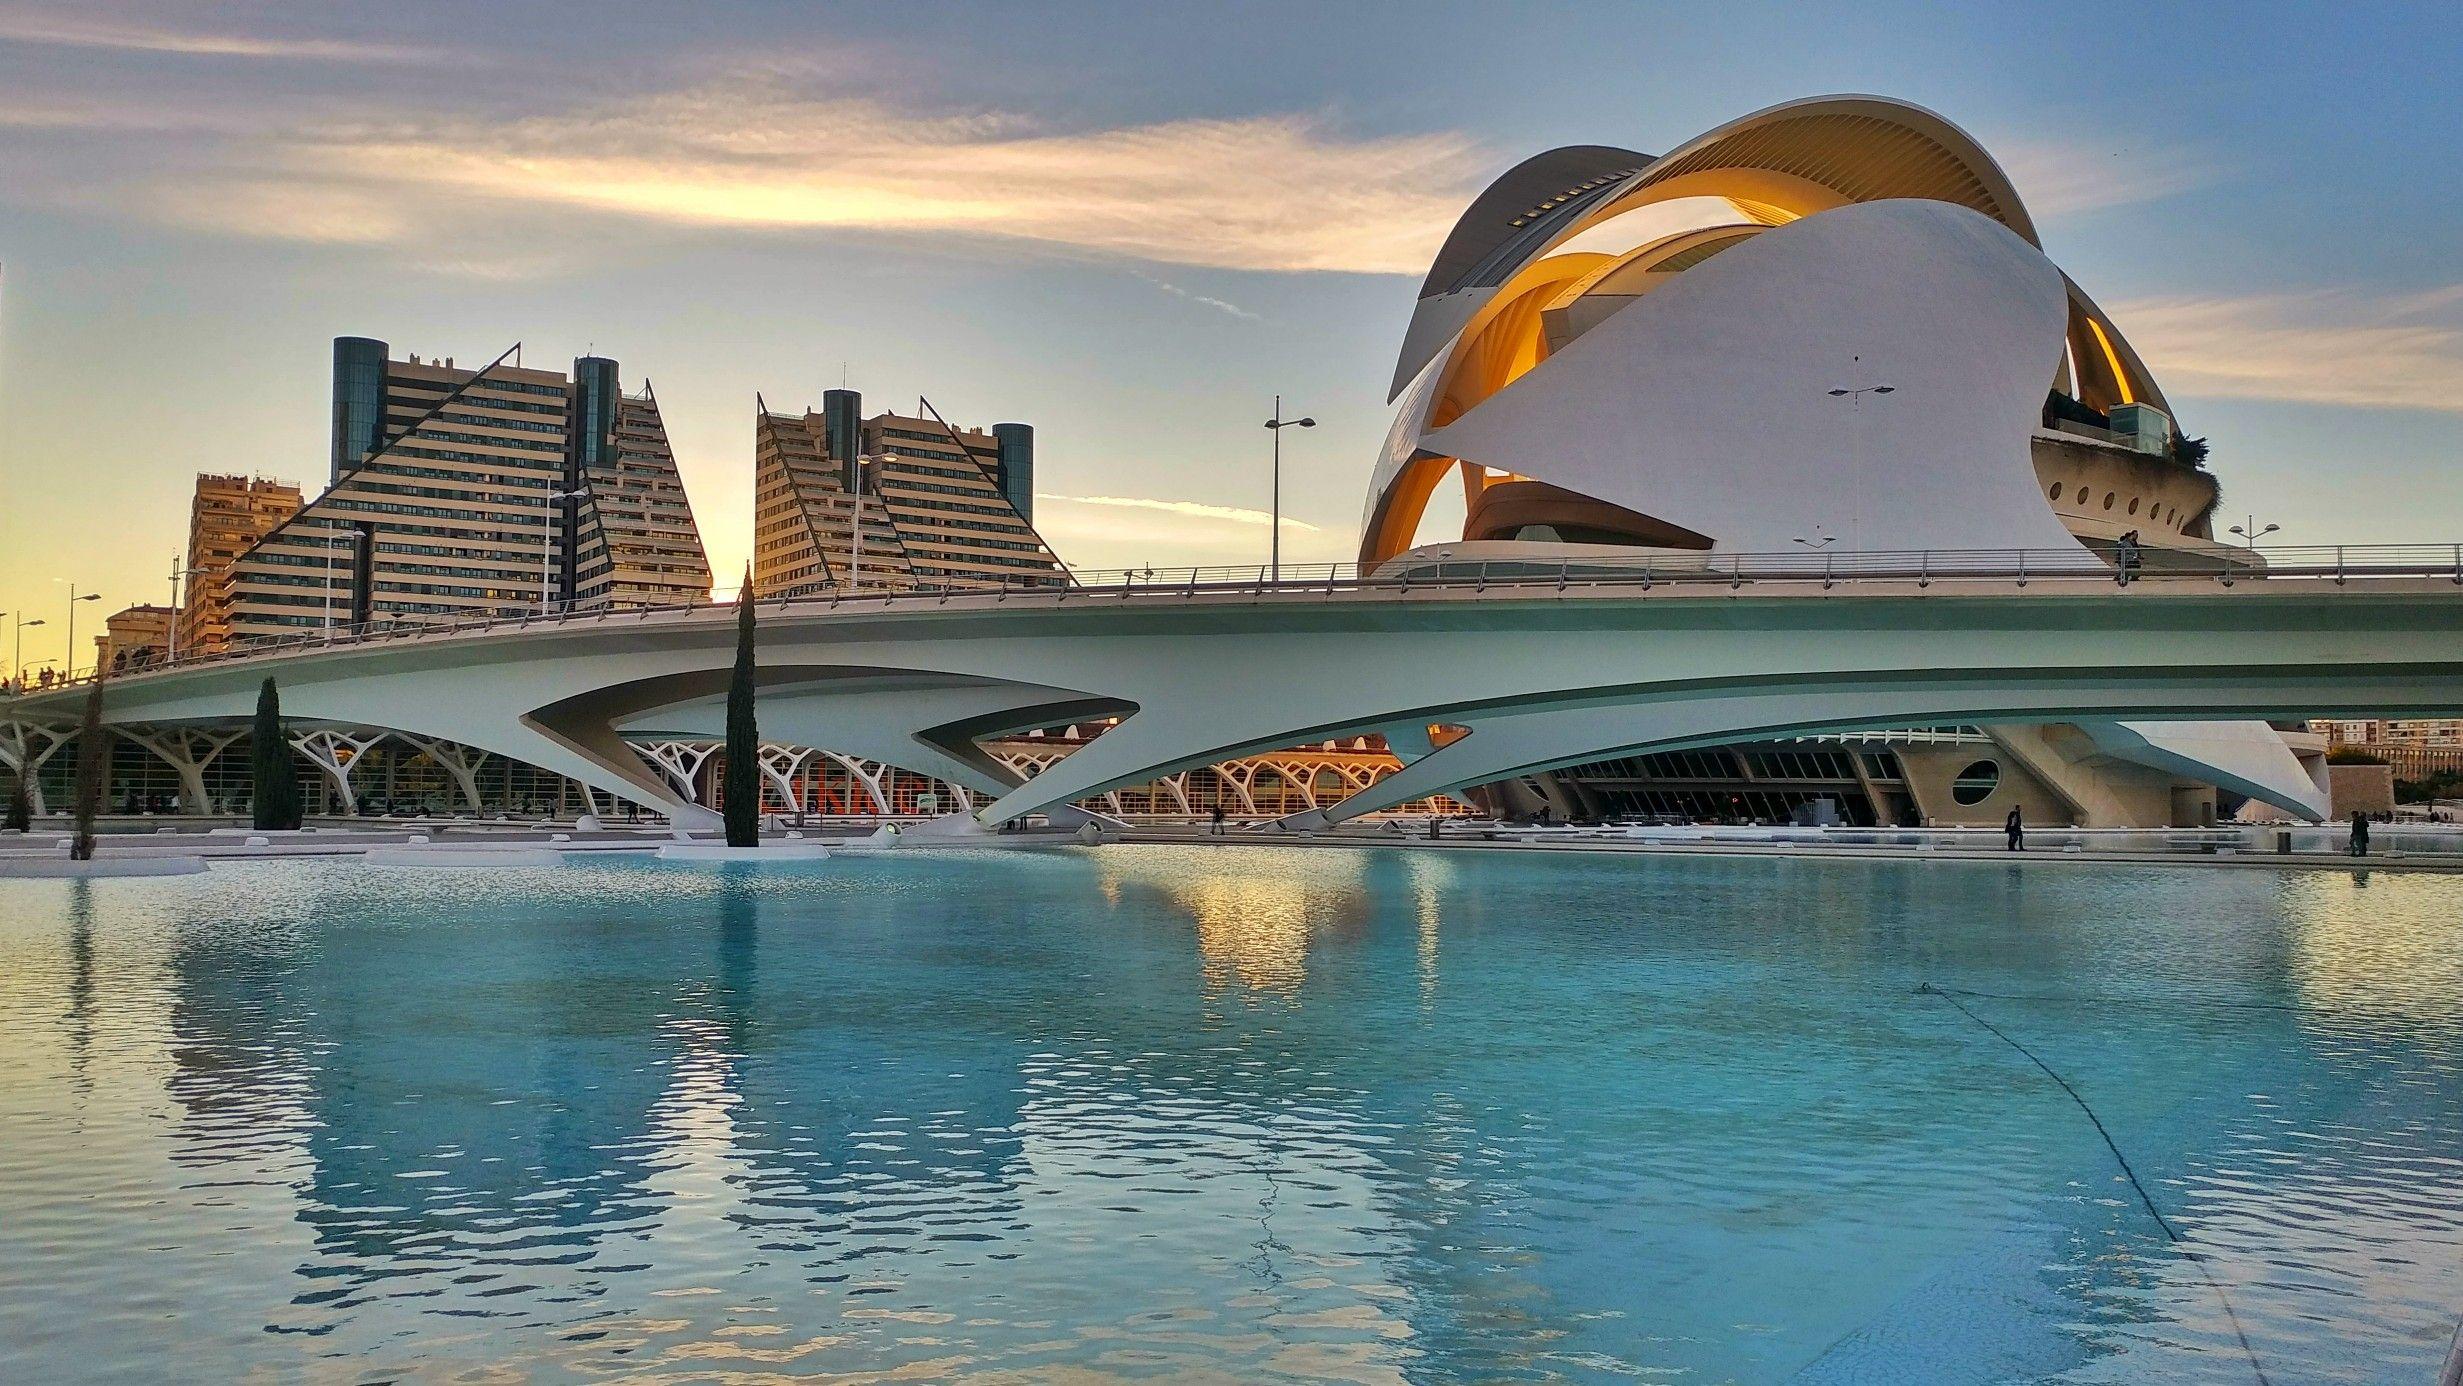 Valencia Spain 🇪🇸 Ciudad Città delle arti e della scienza ...